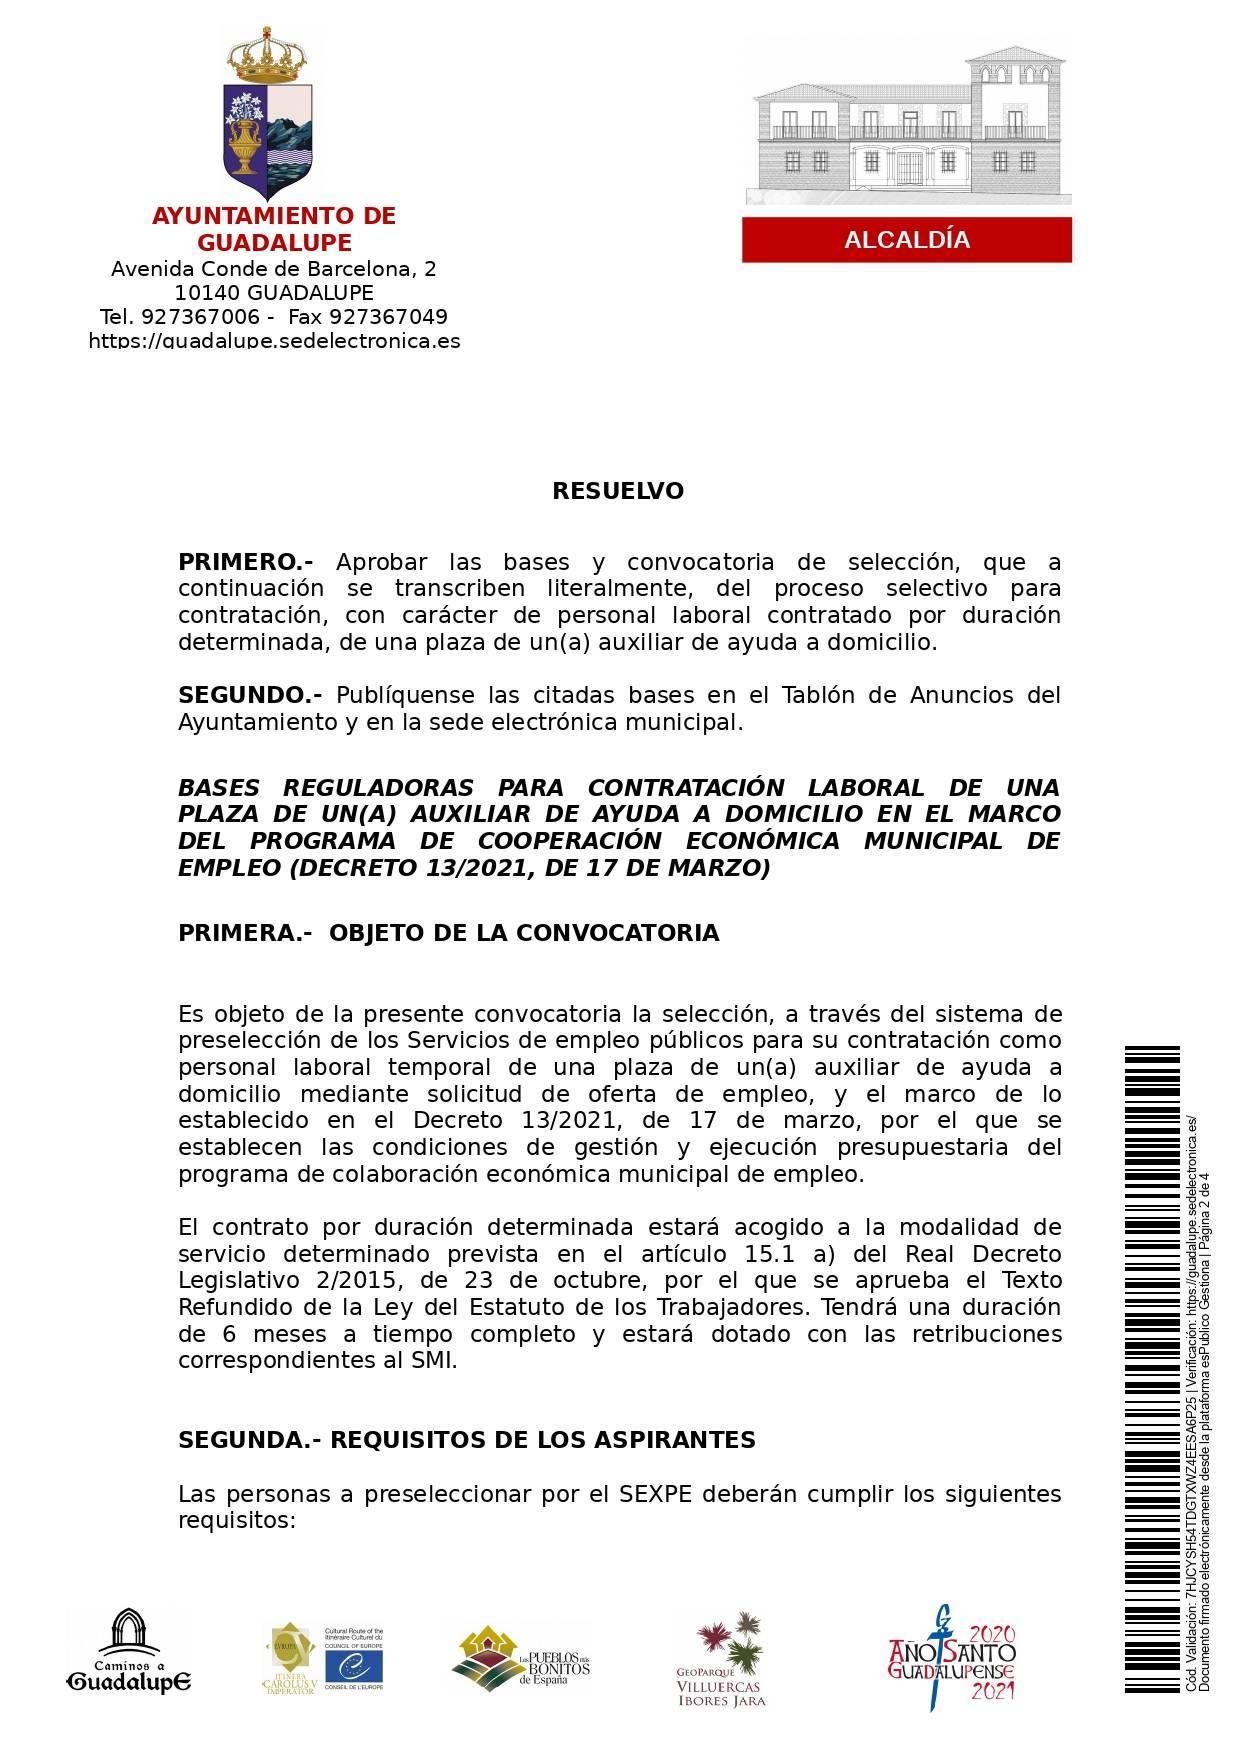 Auxiliar de ayuda a domicilio (2021) - Guadalupe (Cáceres) 2